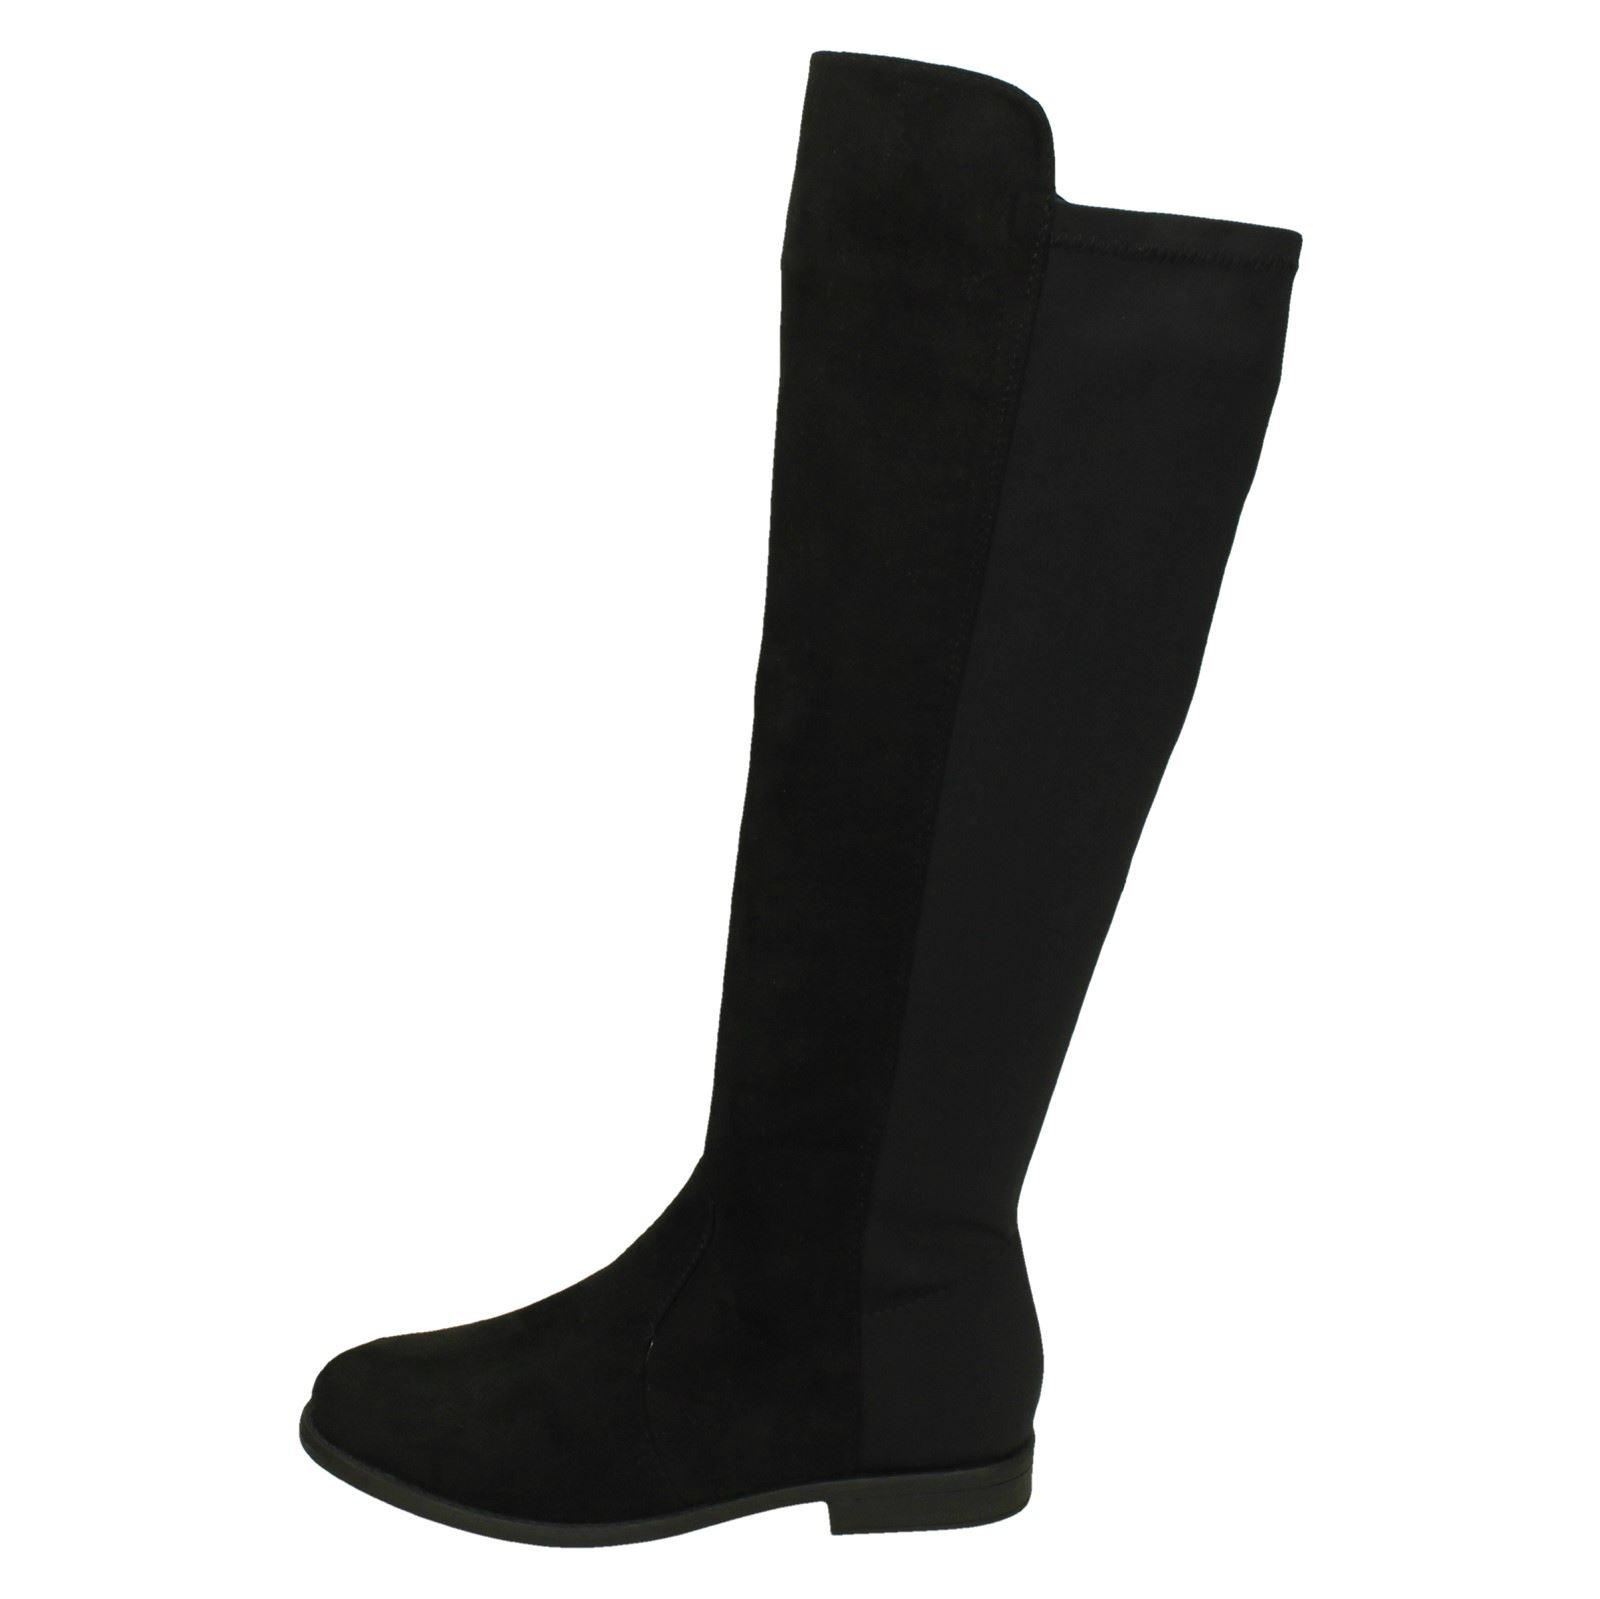 neri larga con Stivali gamba donna e da tacco alto Pzq8Fx